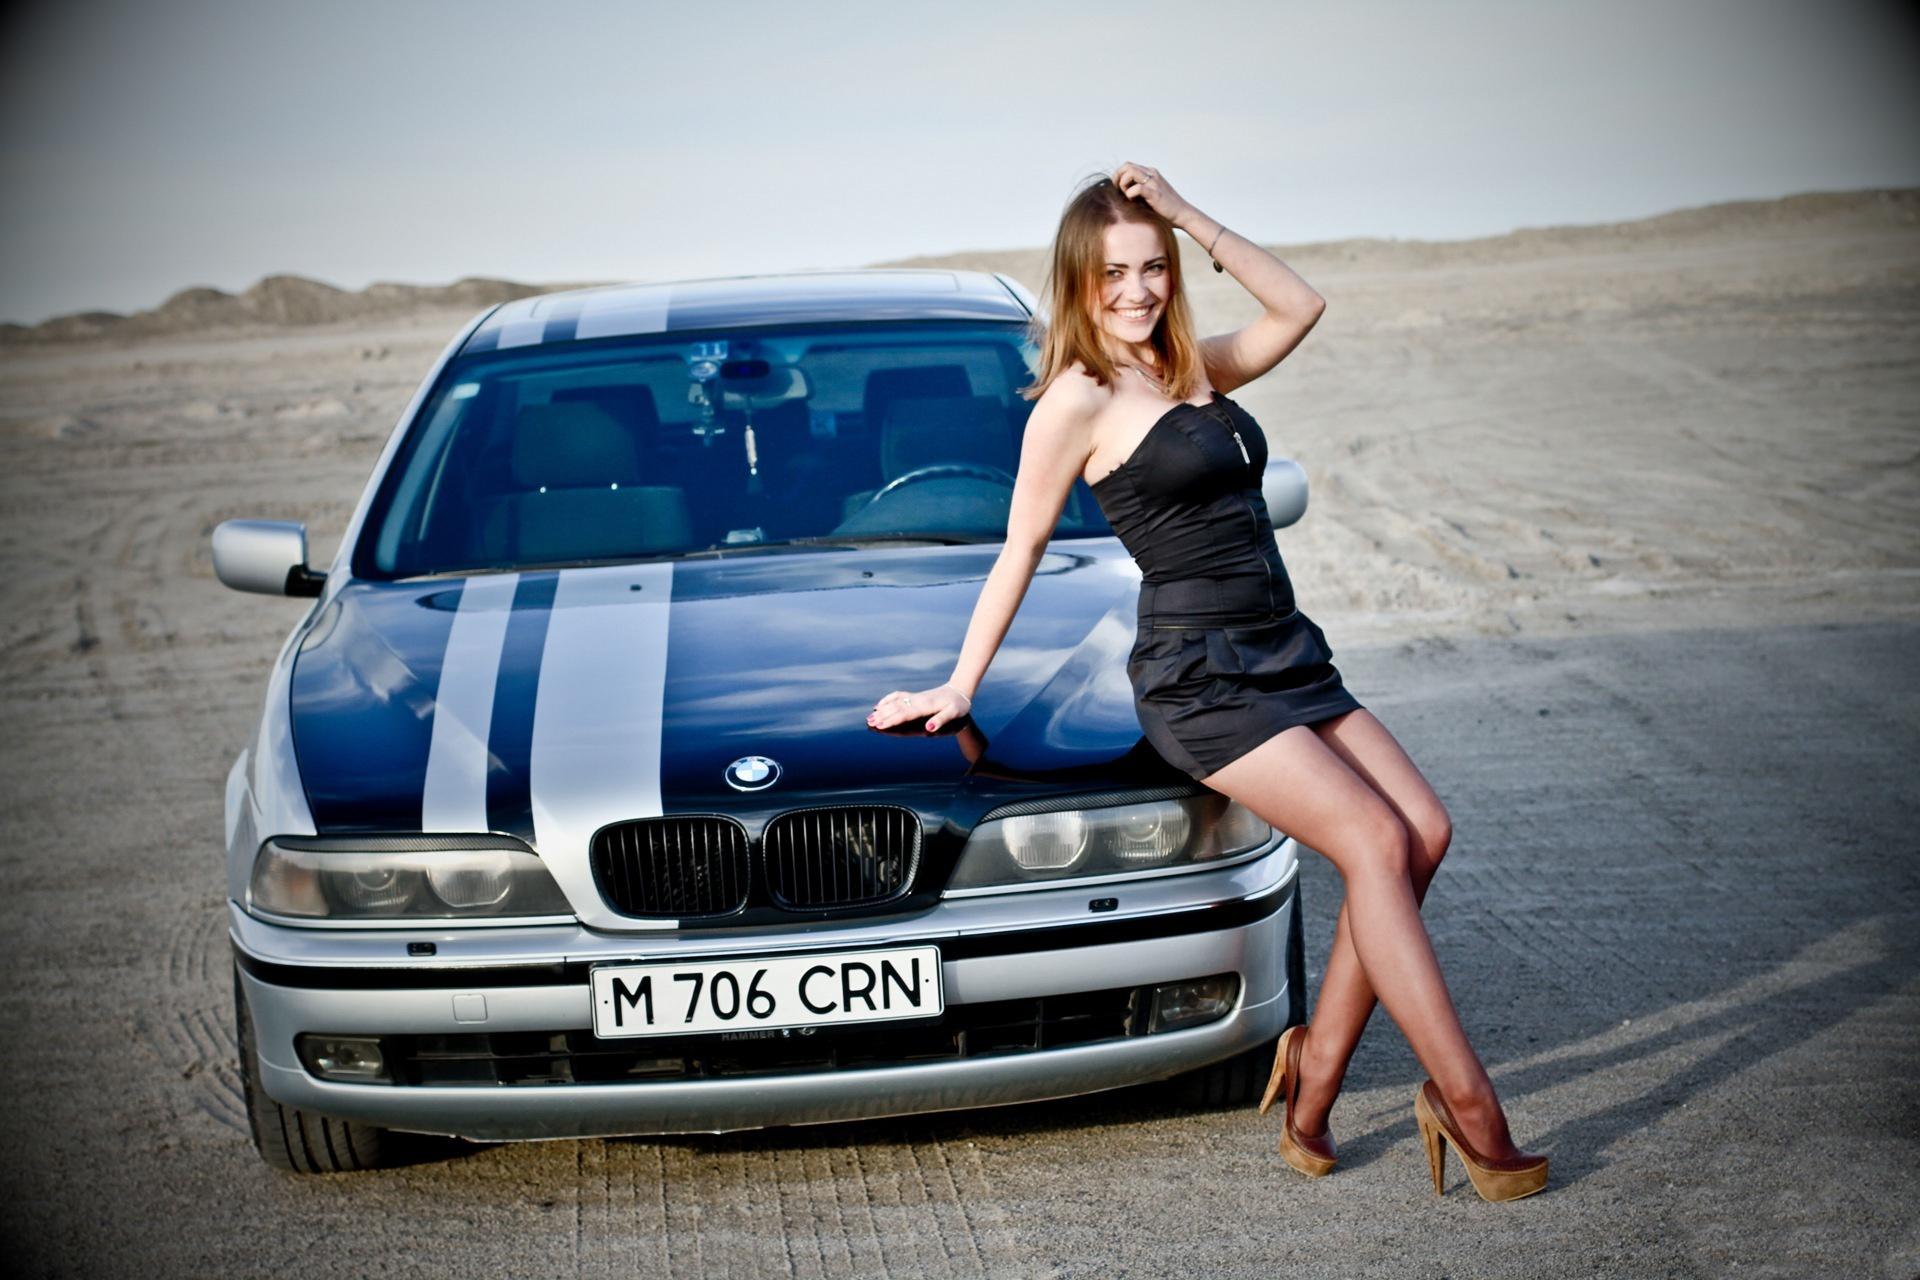 Картинки девушек и машин бмв